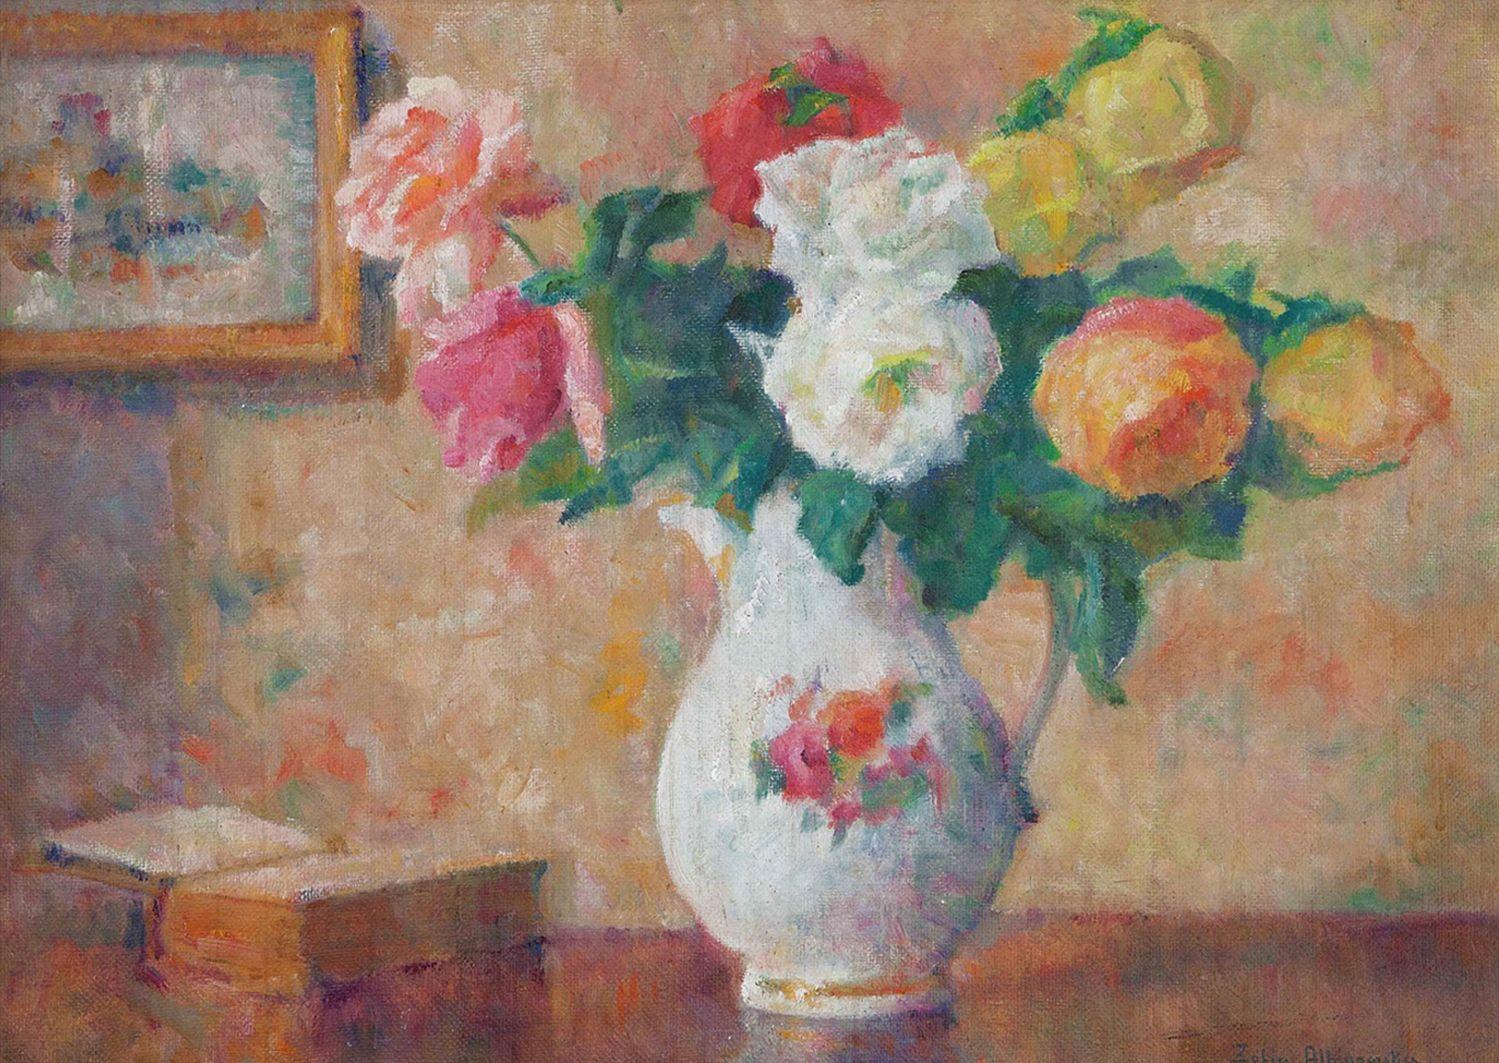 Софія Альбіновська-Мінкевич. Натюрморт з трояндами та книгою, 1960